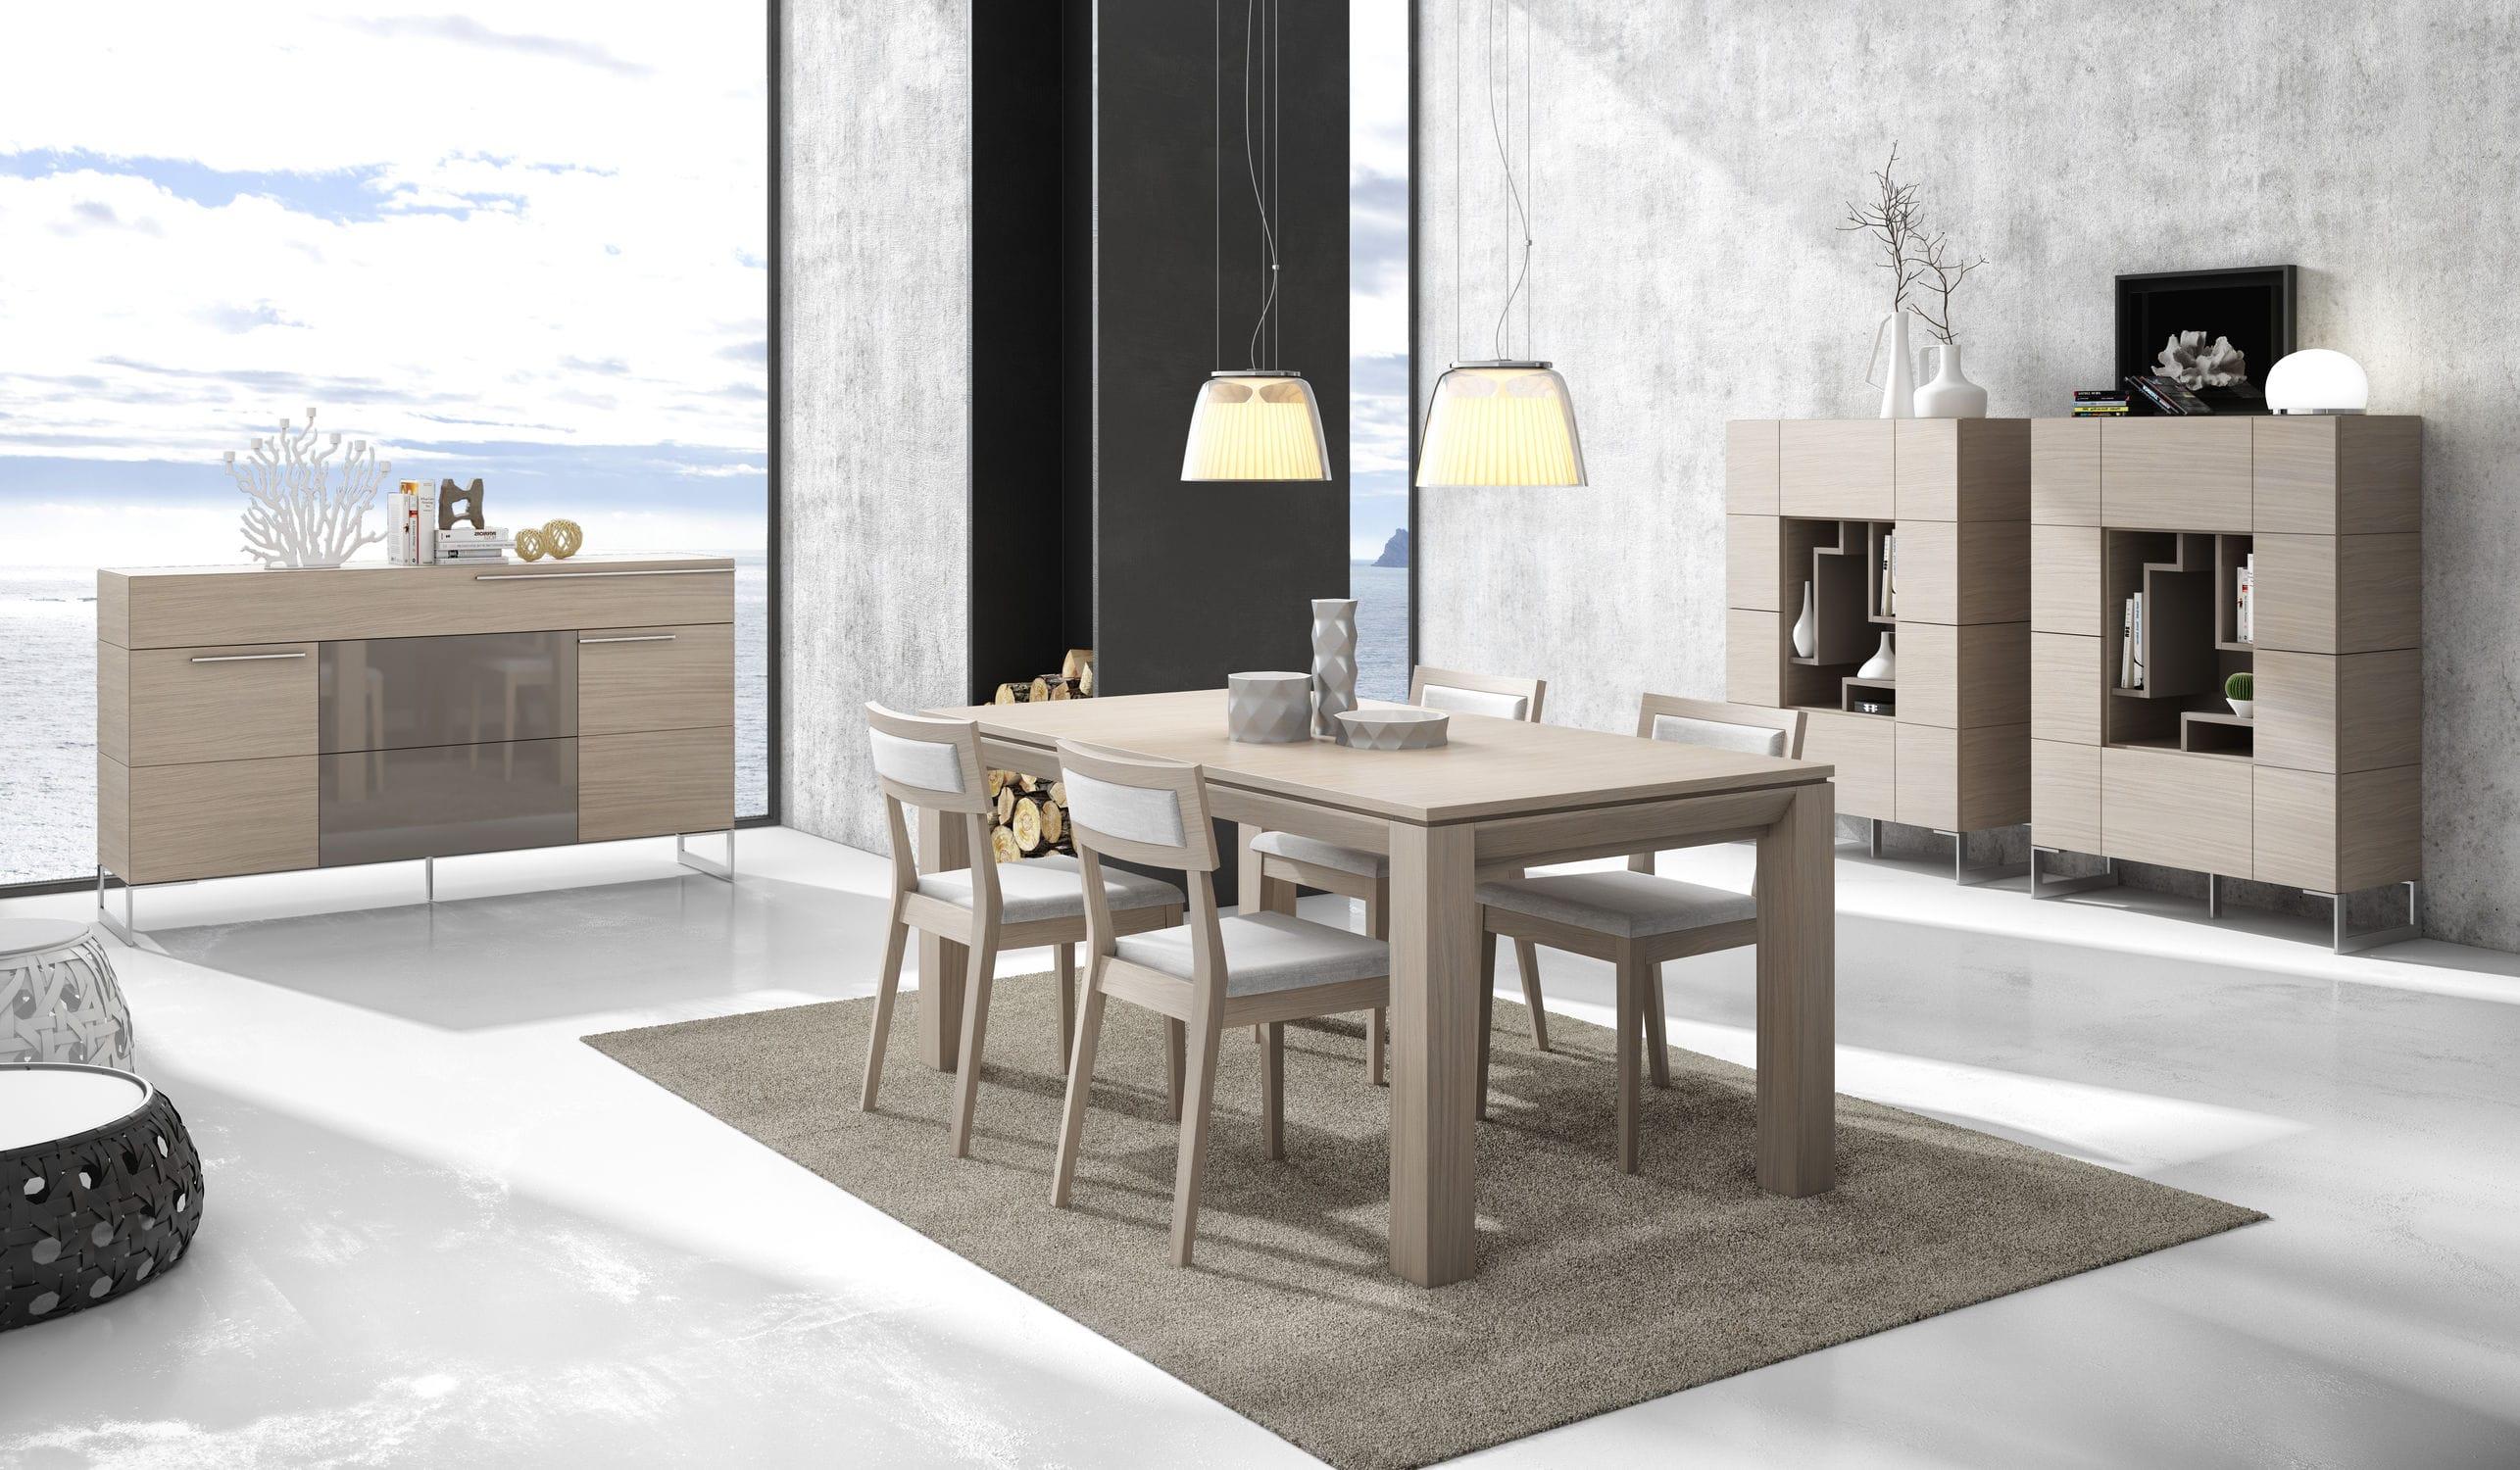 Tavolo Da Pranzo Moderno : Tavolo da pranzo moderno in legno rettangolare ginza : 322